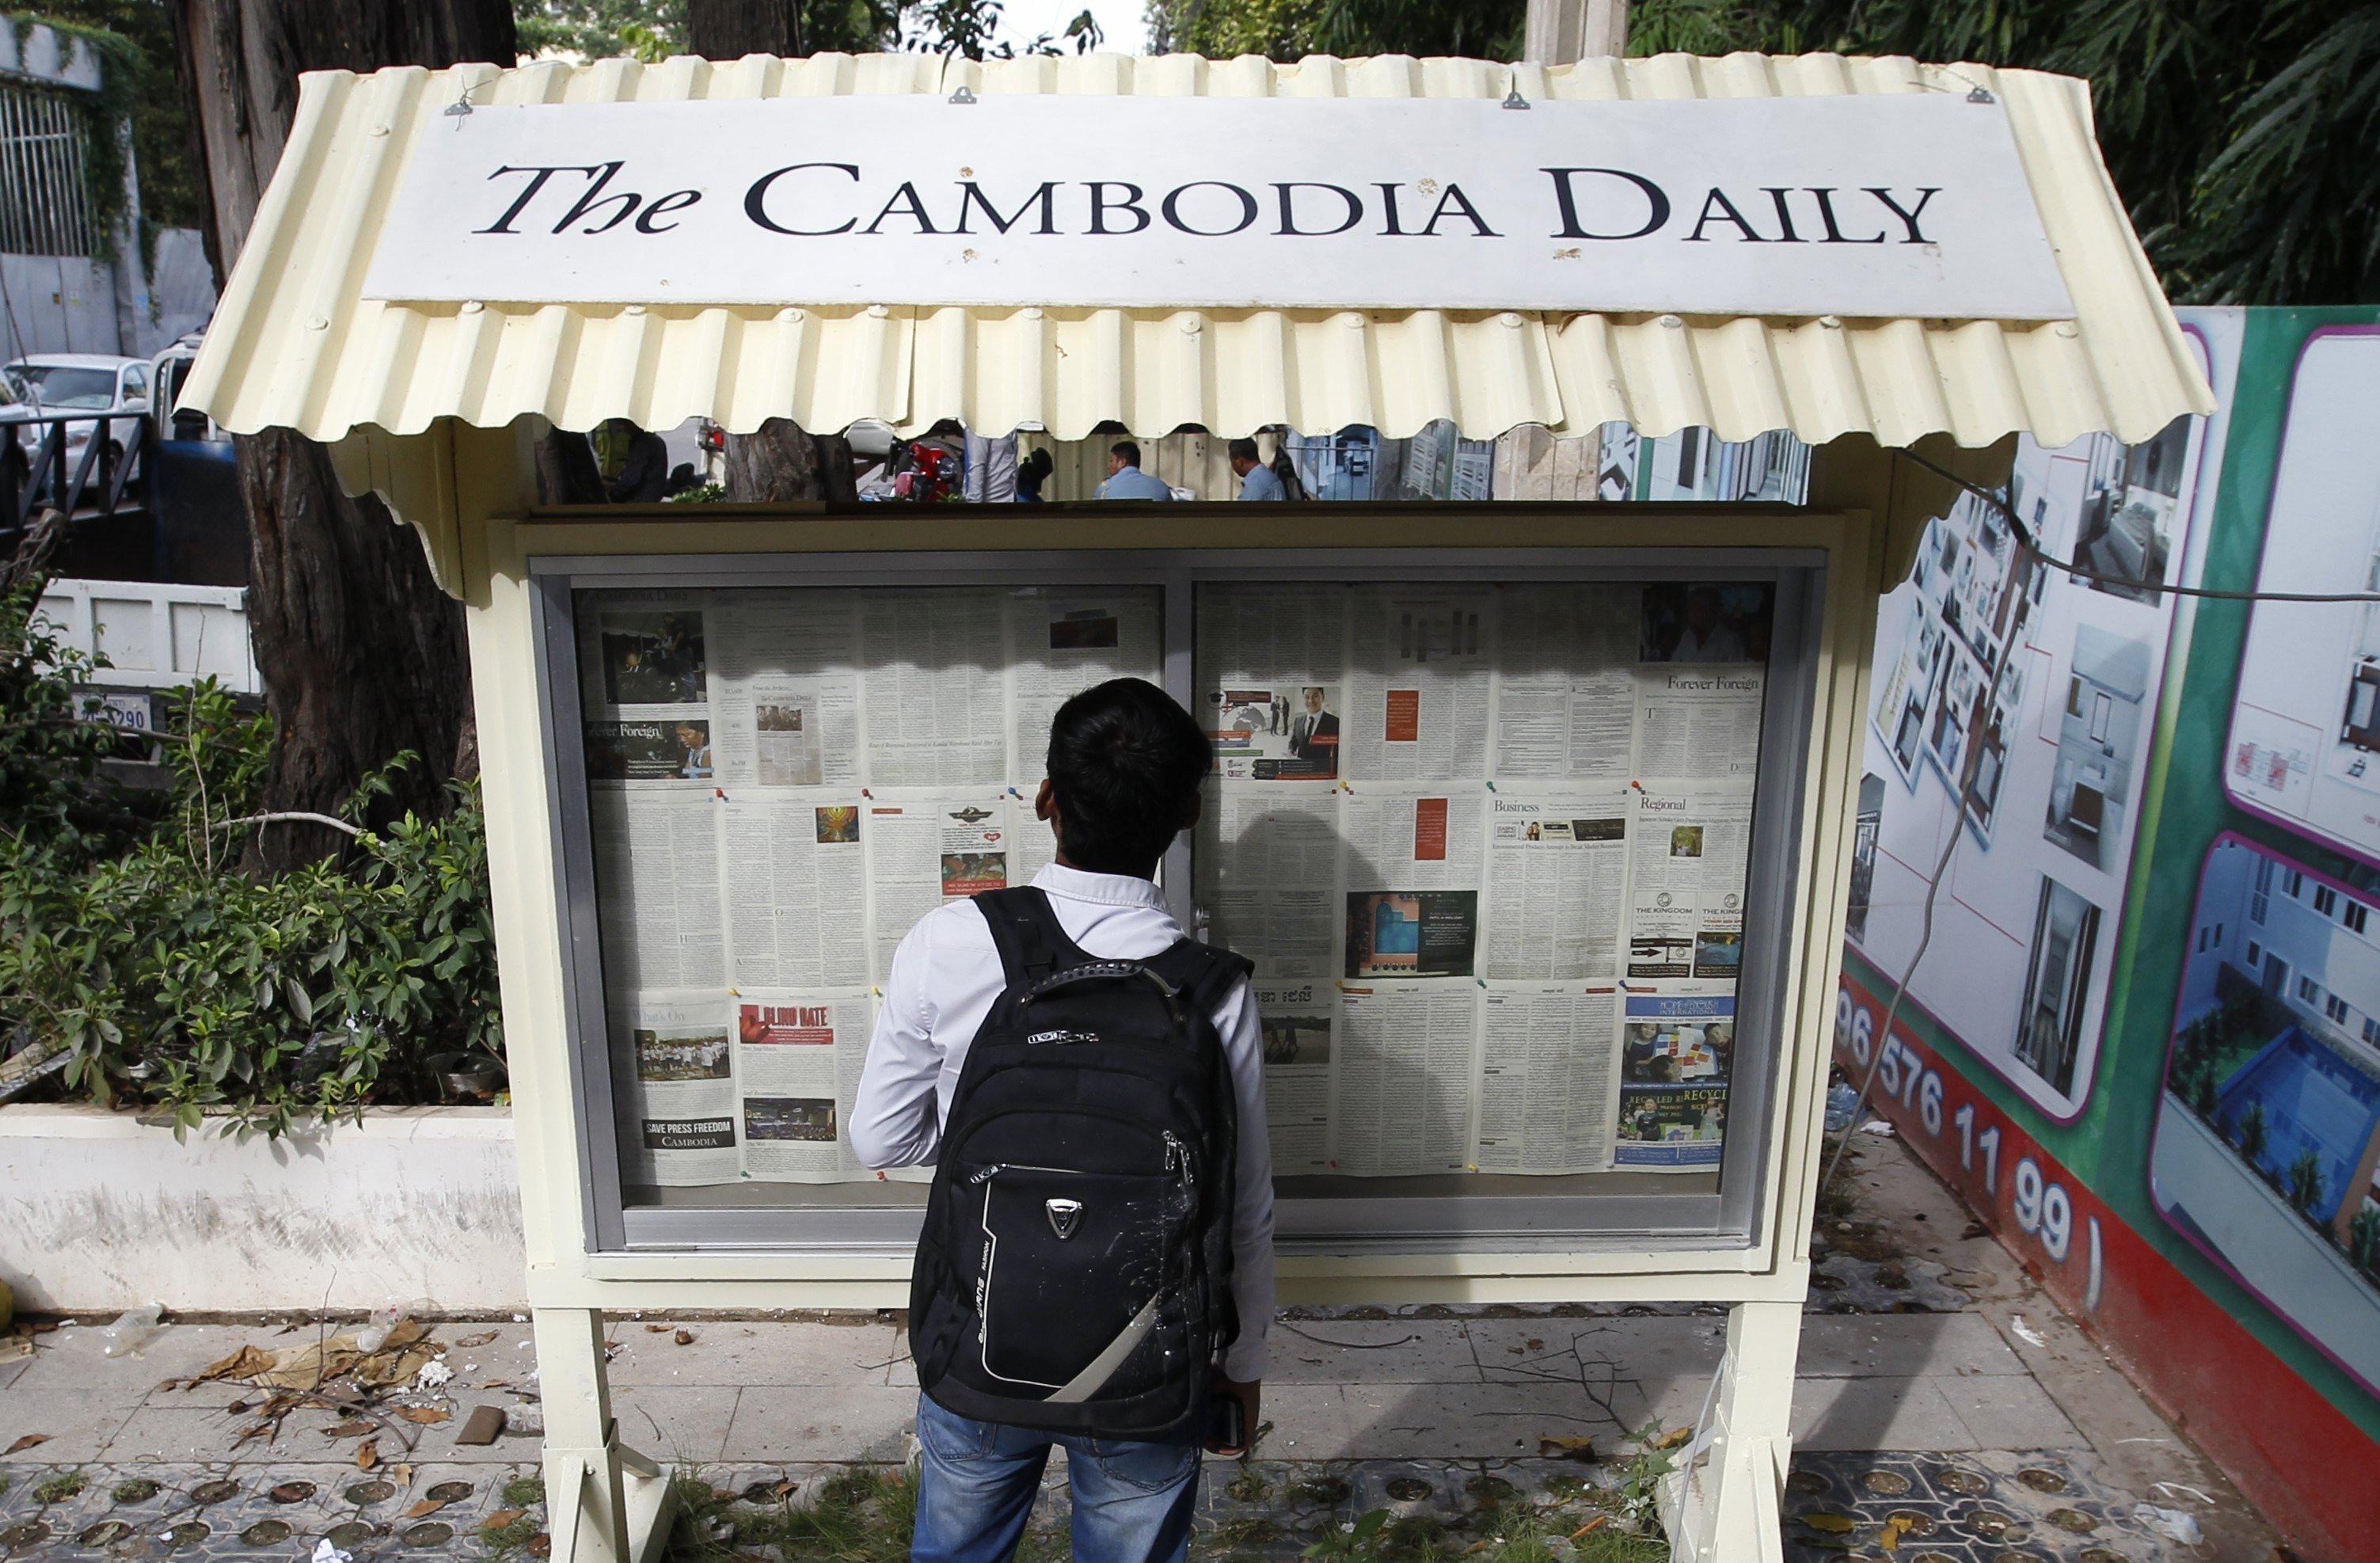 """El diari """"The Cambodia Daily"""", crític amb Hun Sen, tanca per un suposat deute d'impostos. /MAK REMISSA"""